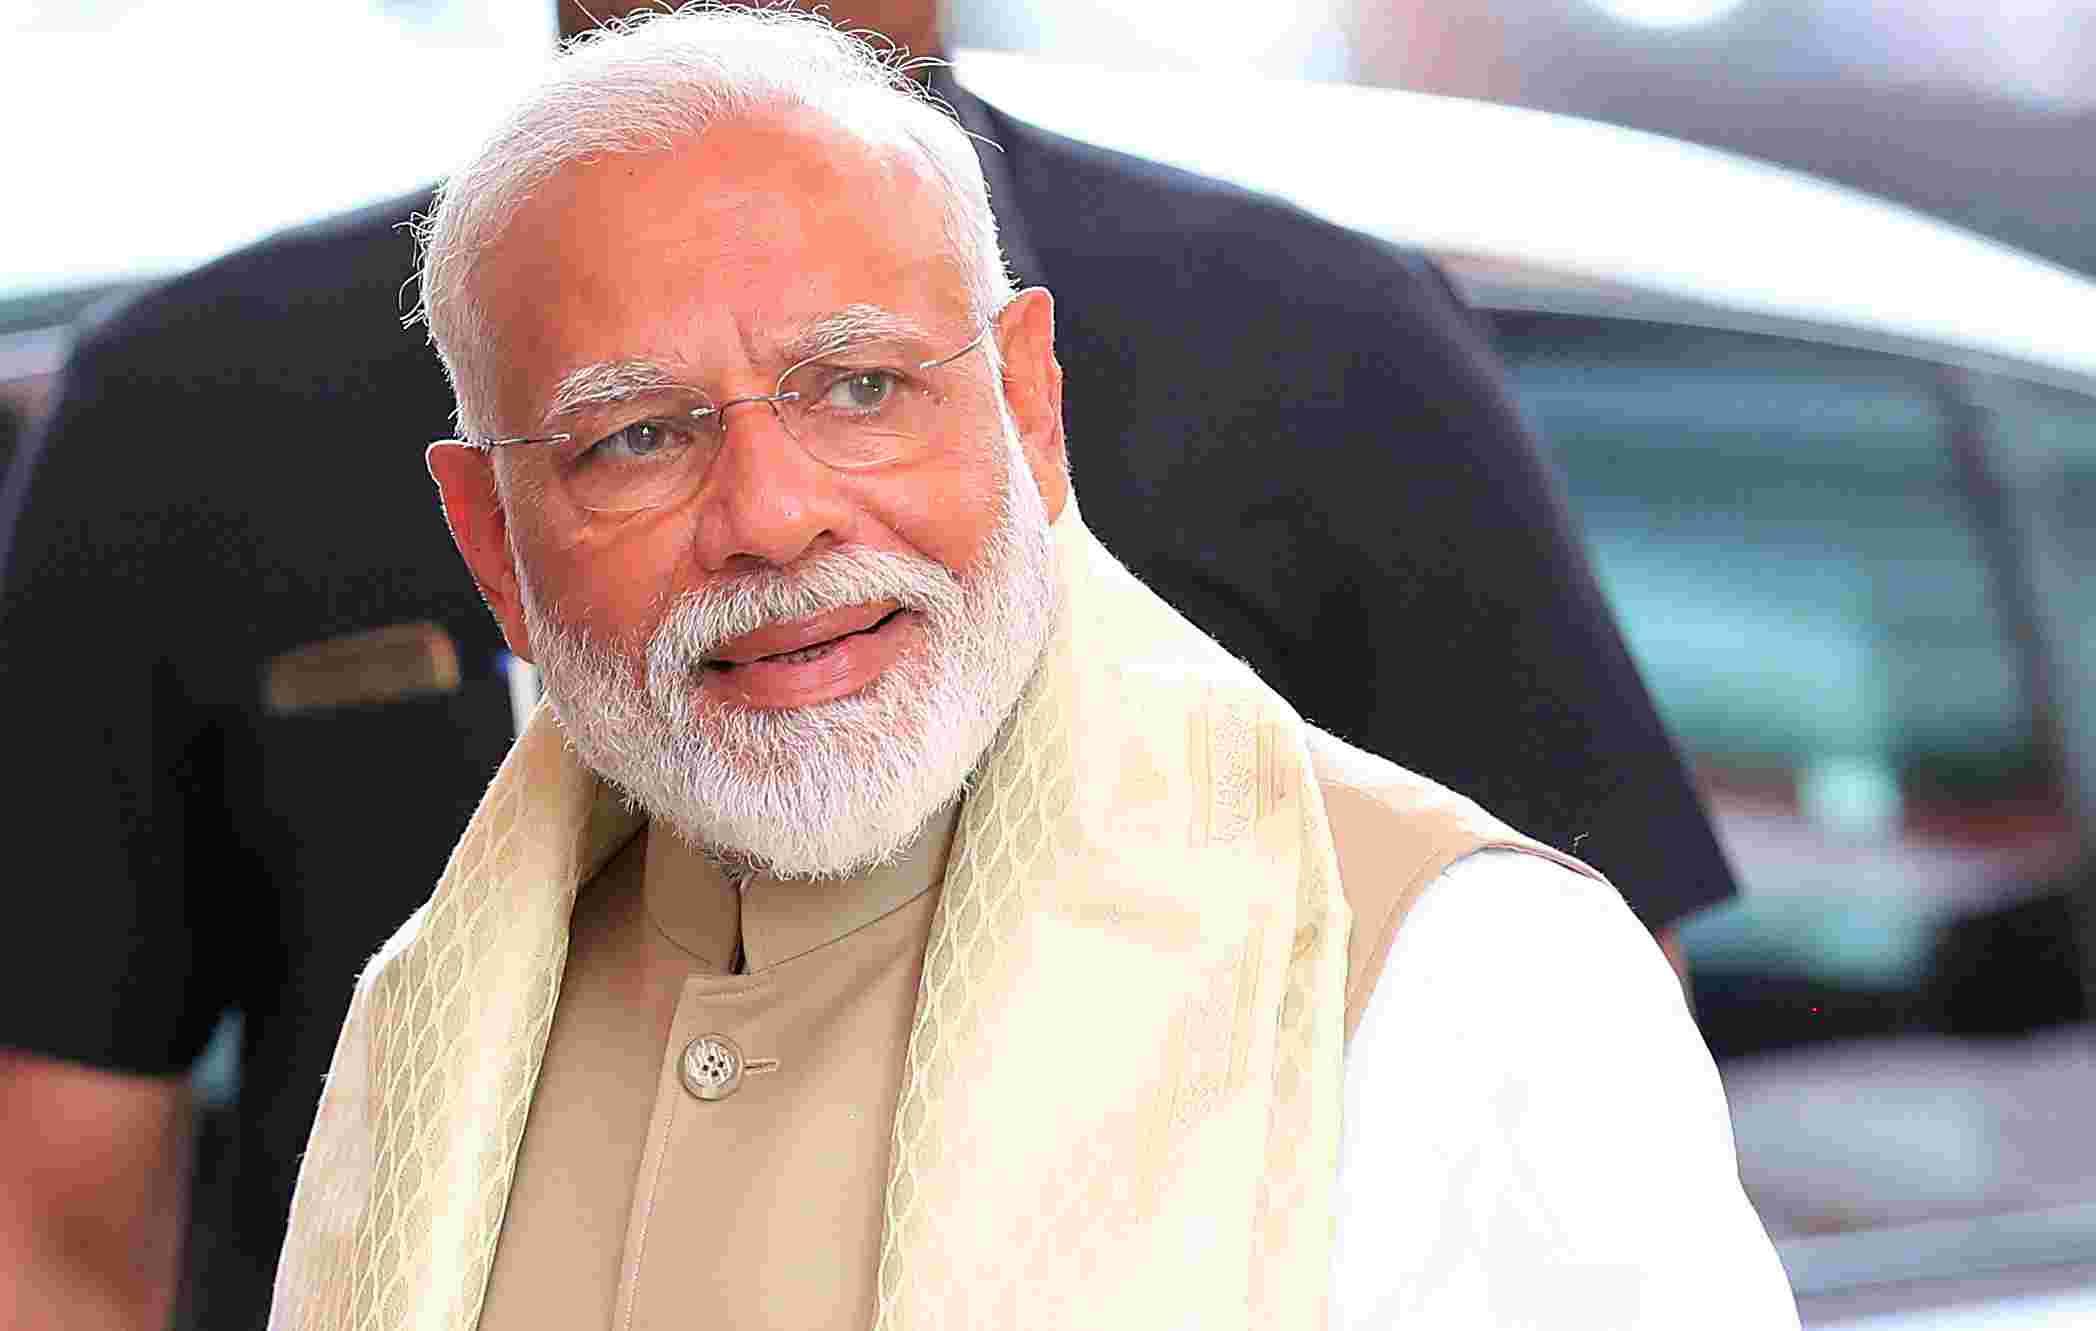 印度总理莫迪领导的人民党宣布在大选中获胜